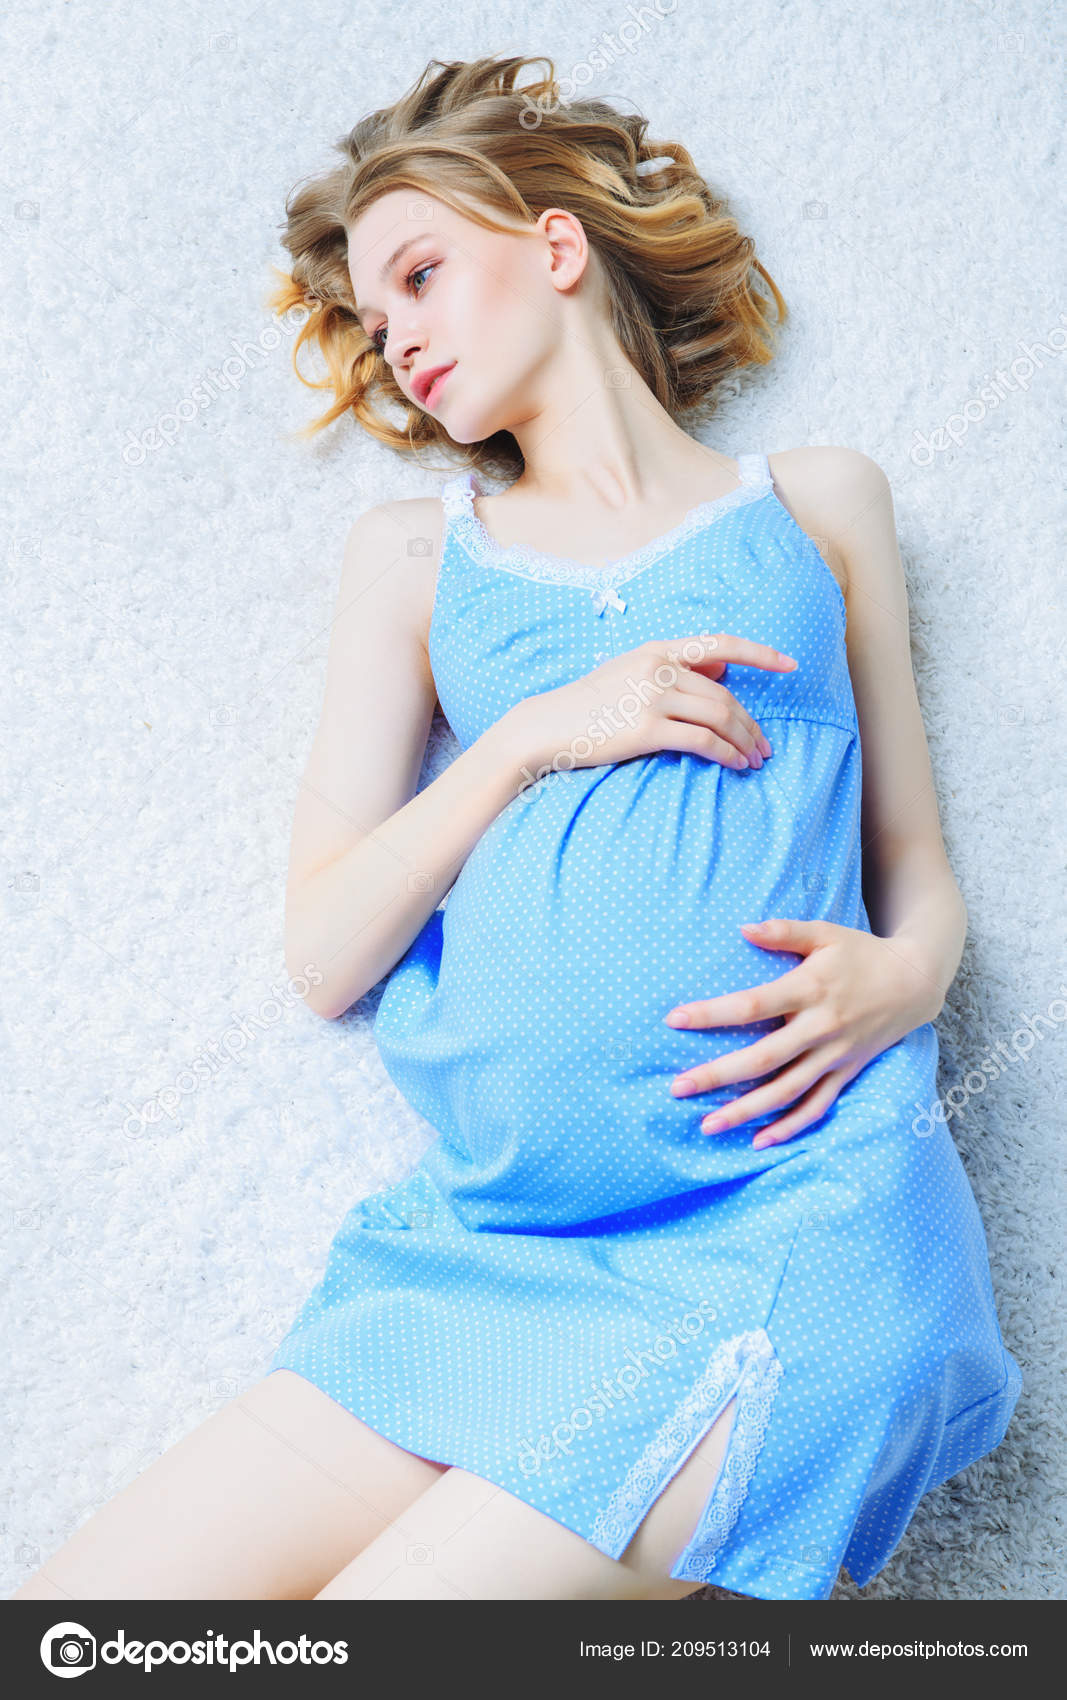 97b707358b Fiatal, terhes nő, fehér alapon kék ruha. Terhesség és az anyaság. Divat a terhes  nők számára — Fotó szerzőtől ...